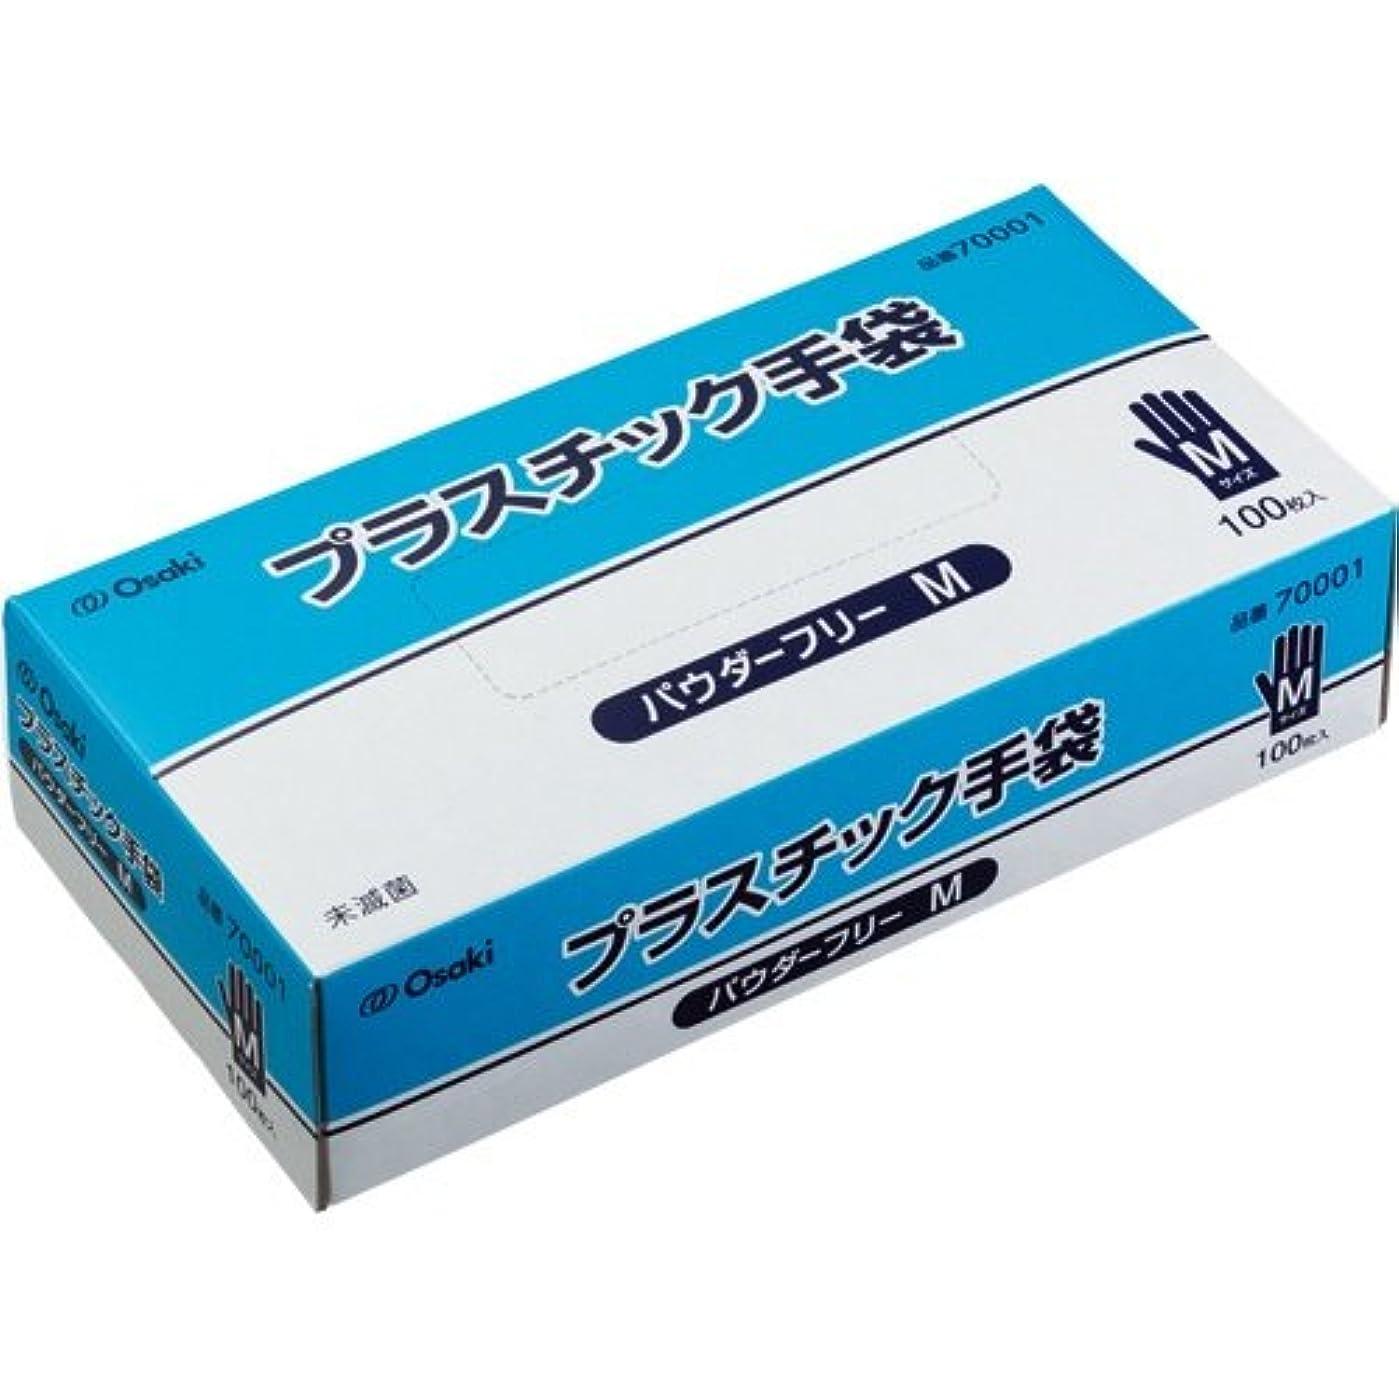 一掃するコンベンション原因オオサキメディカル オオサキプラスチック手袋 パウダーフリー M 70001 1セット(2000枚:100枚×20箱)